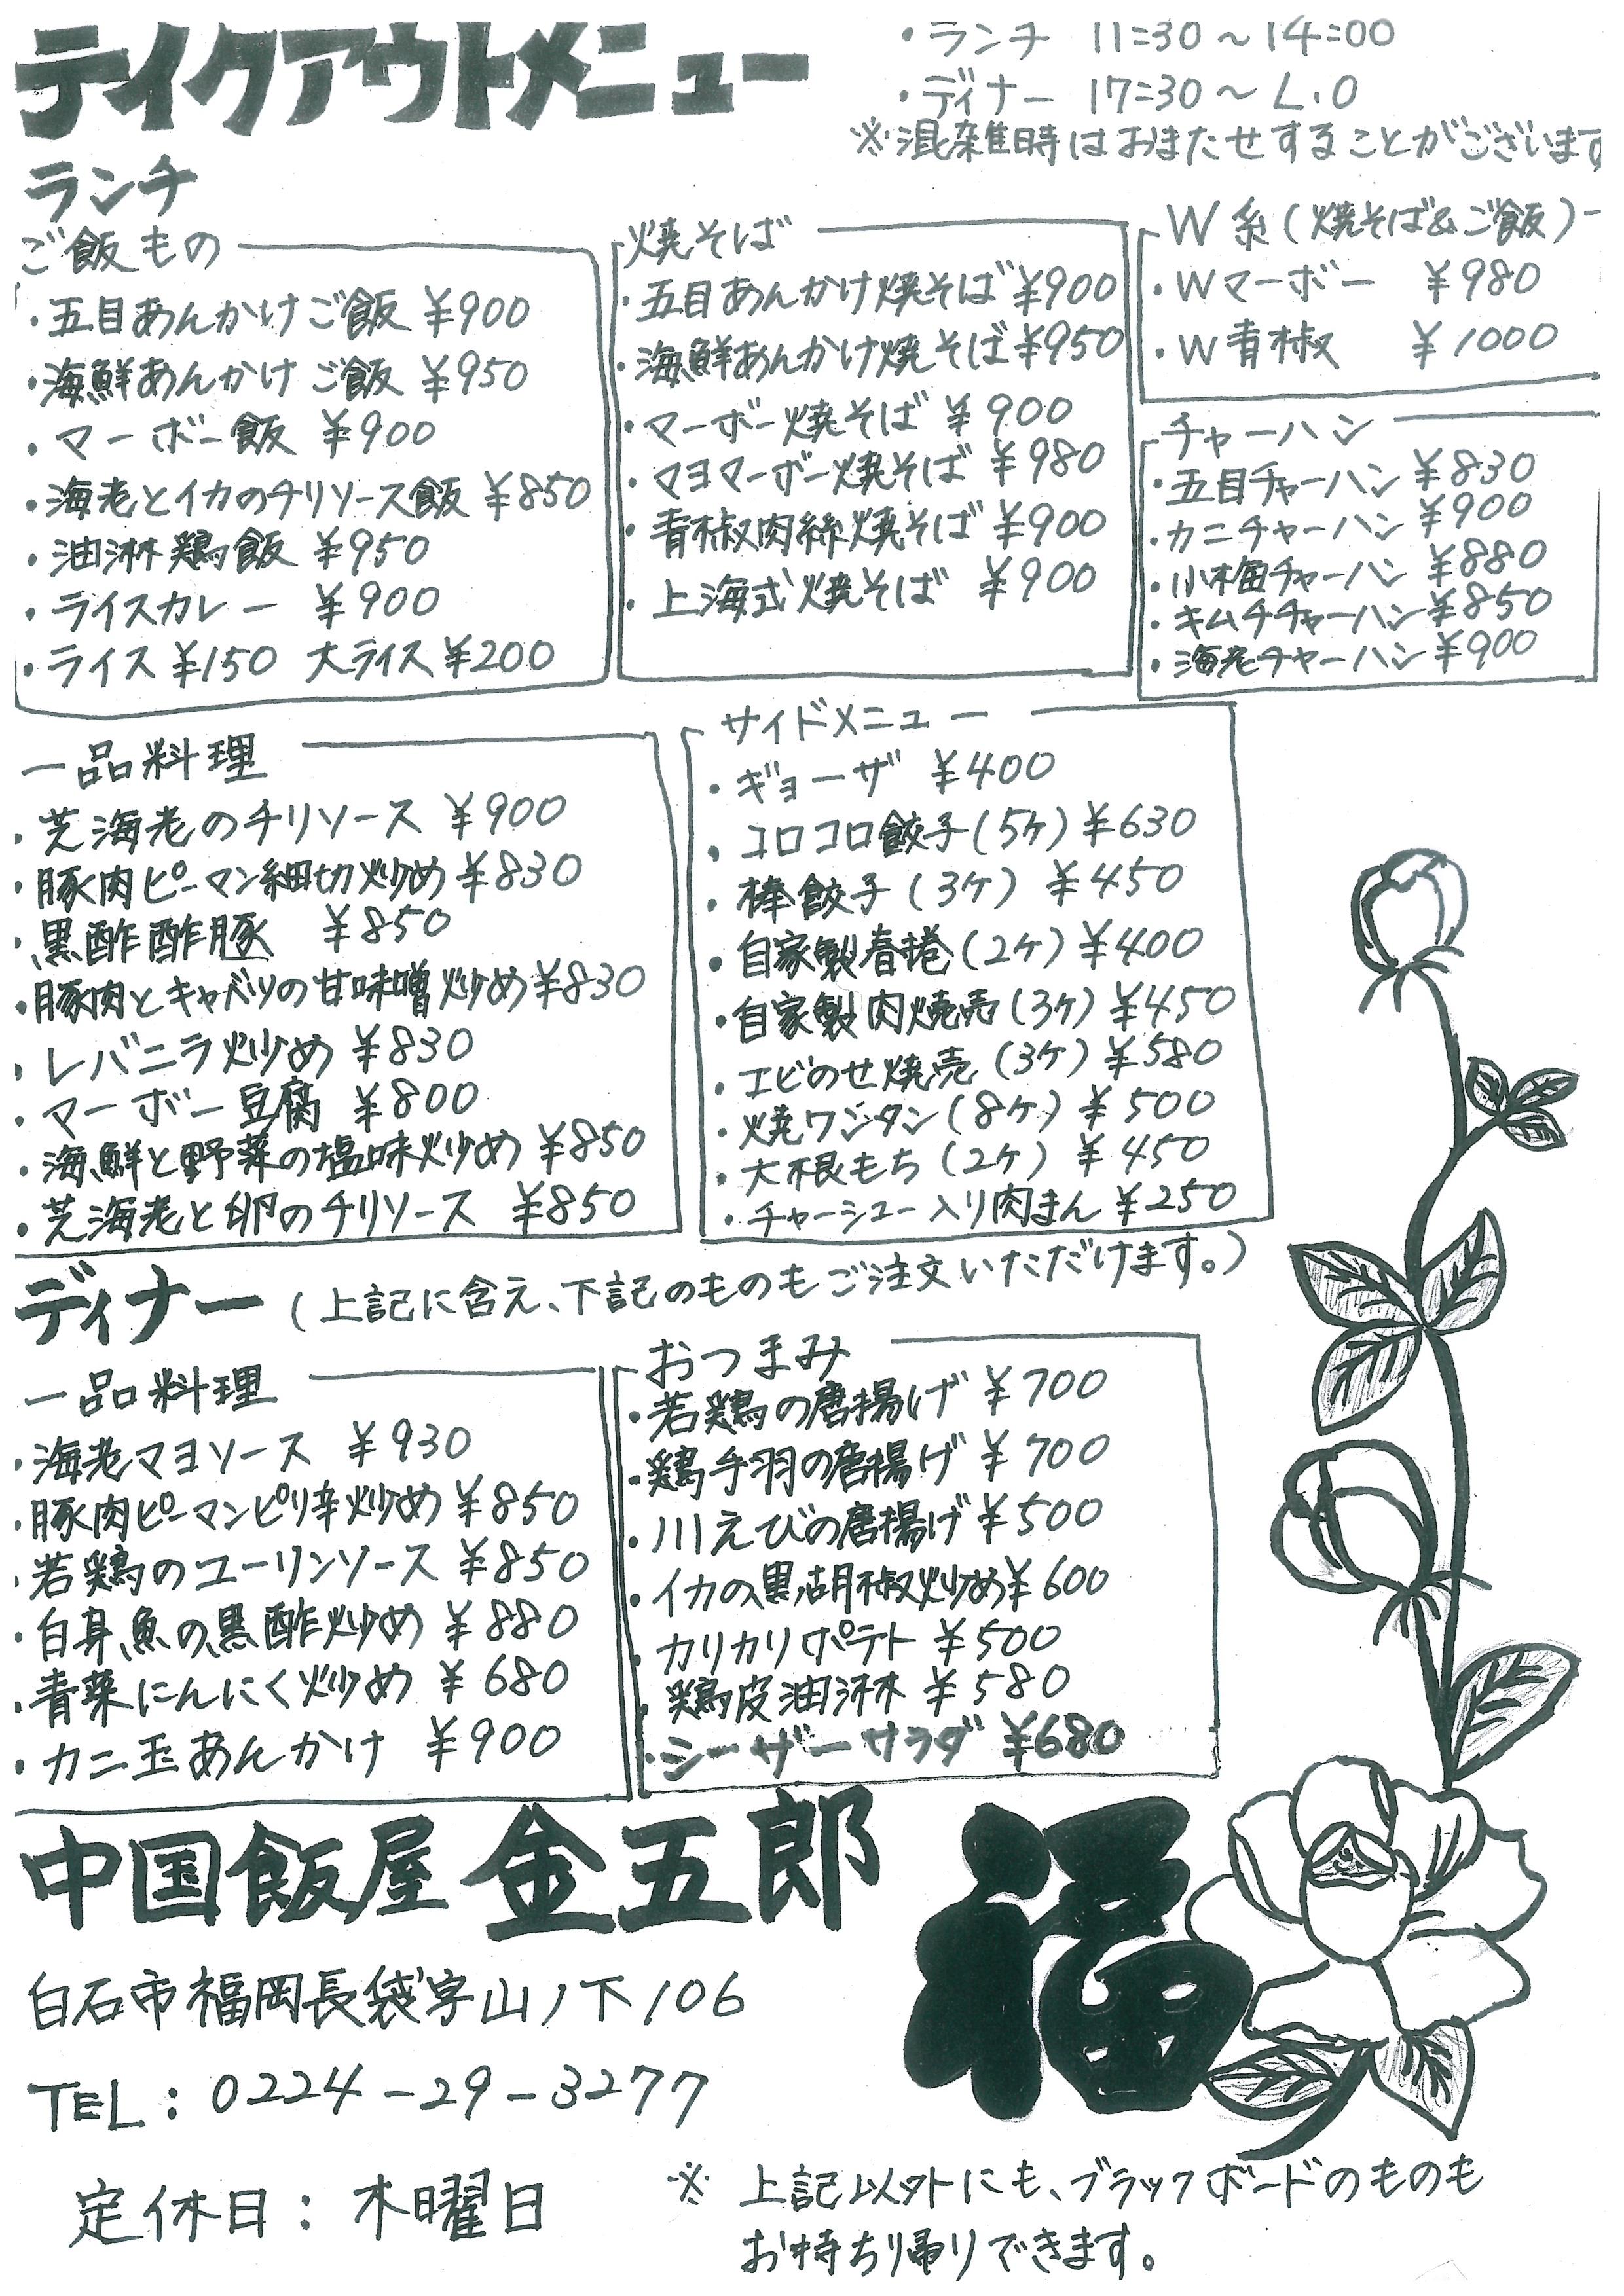 金五郎テイクアウトメニュー表(6月15日現在)